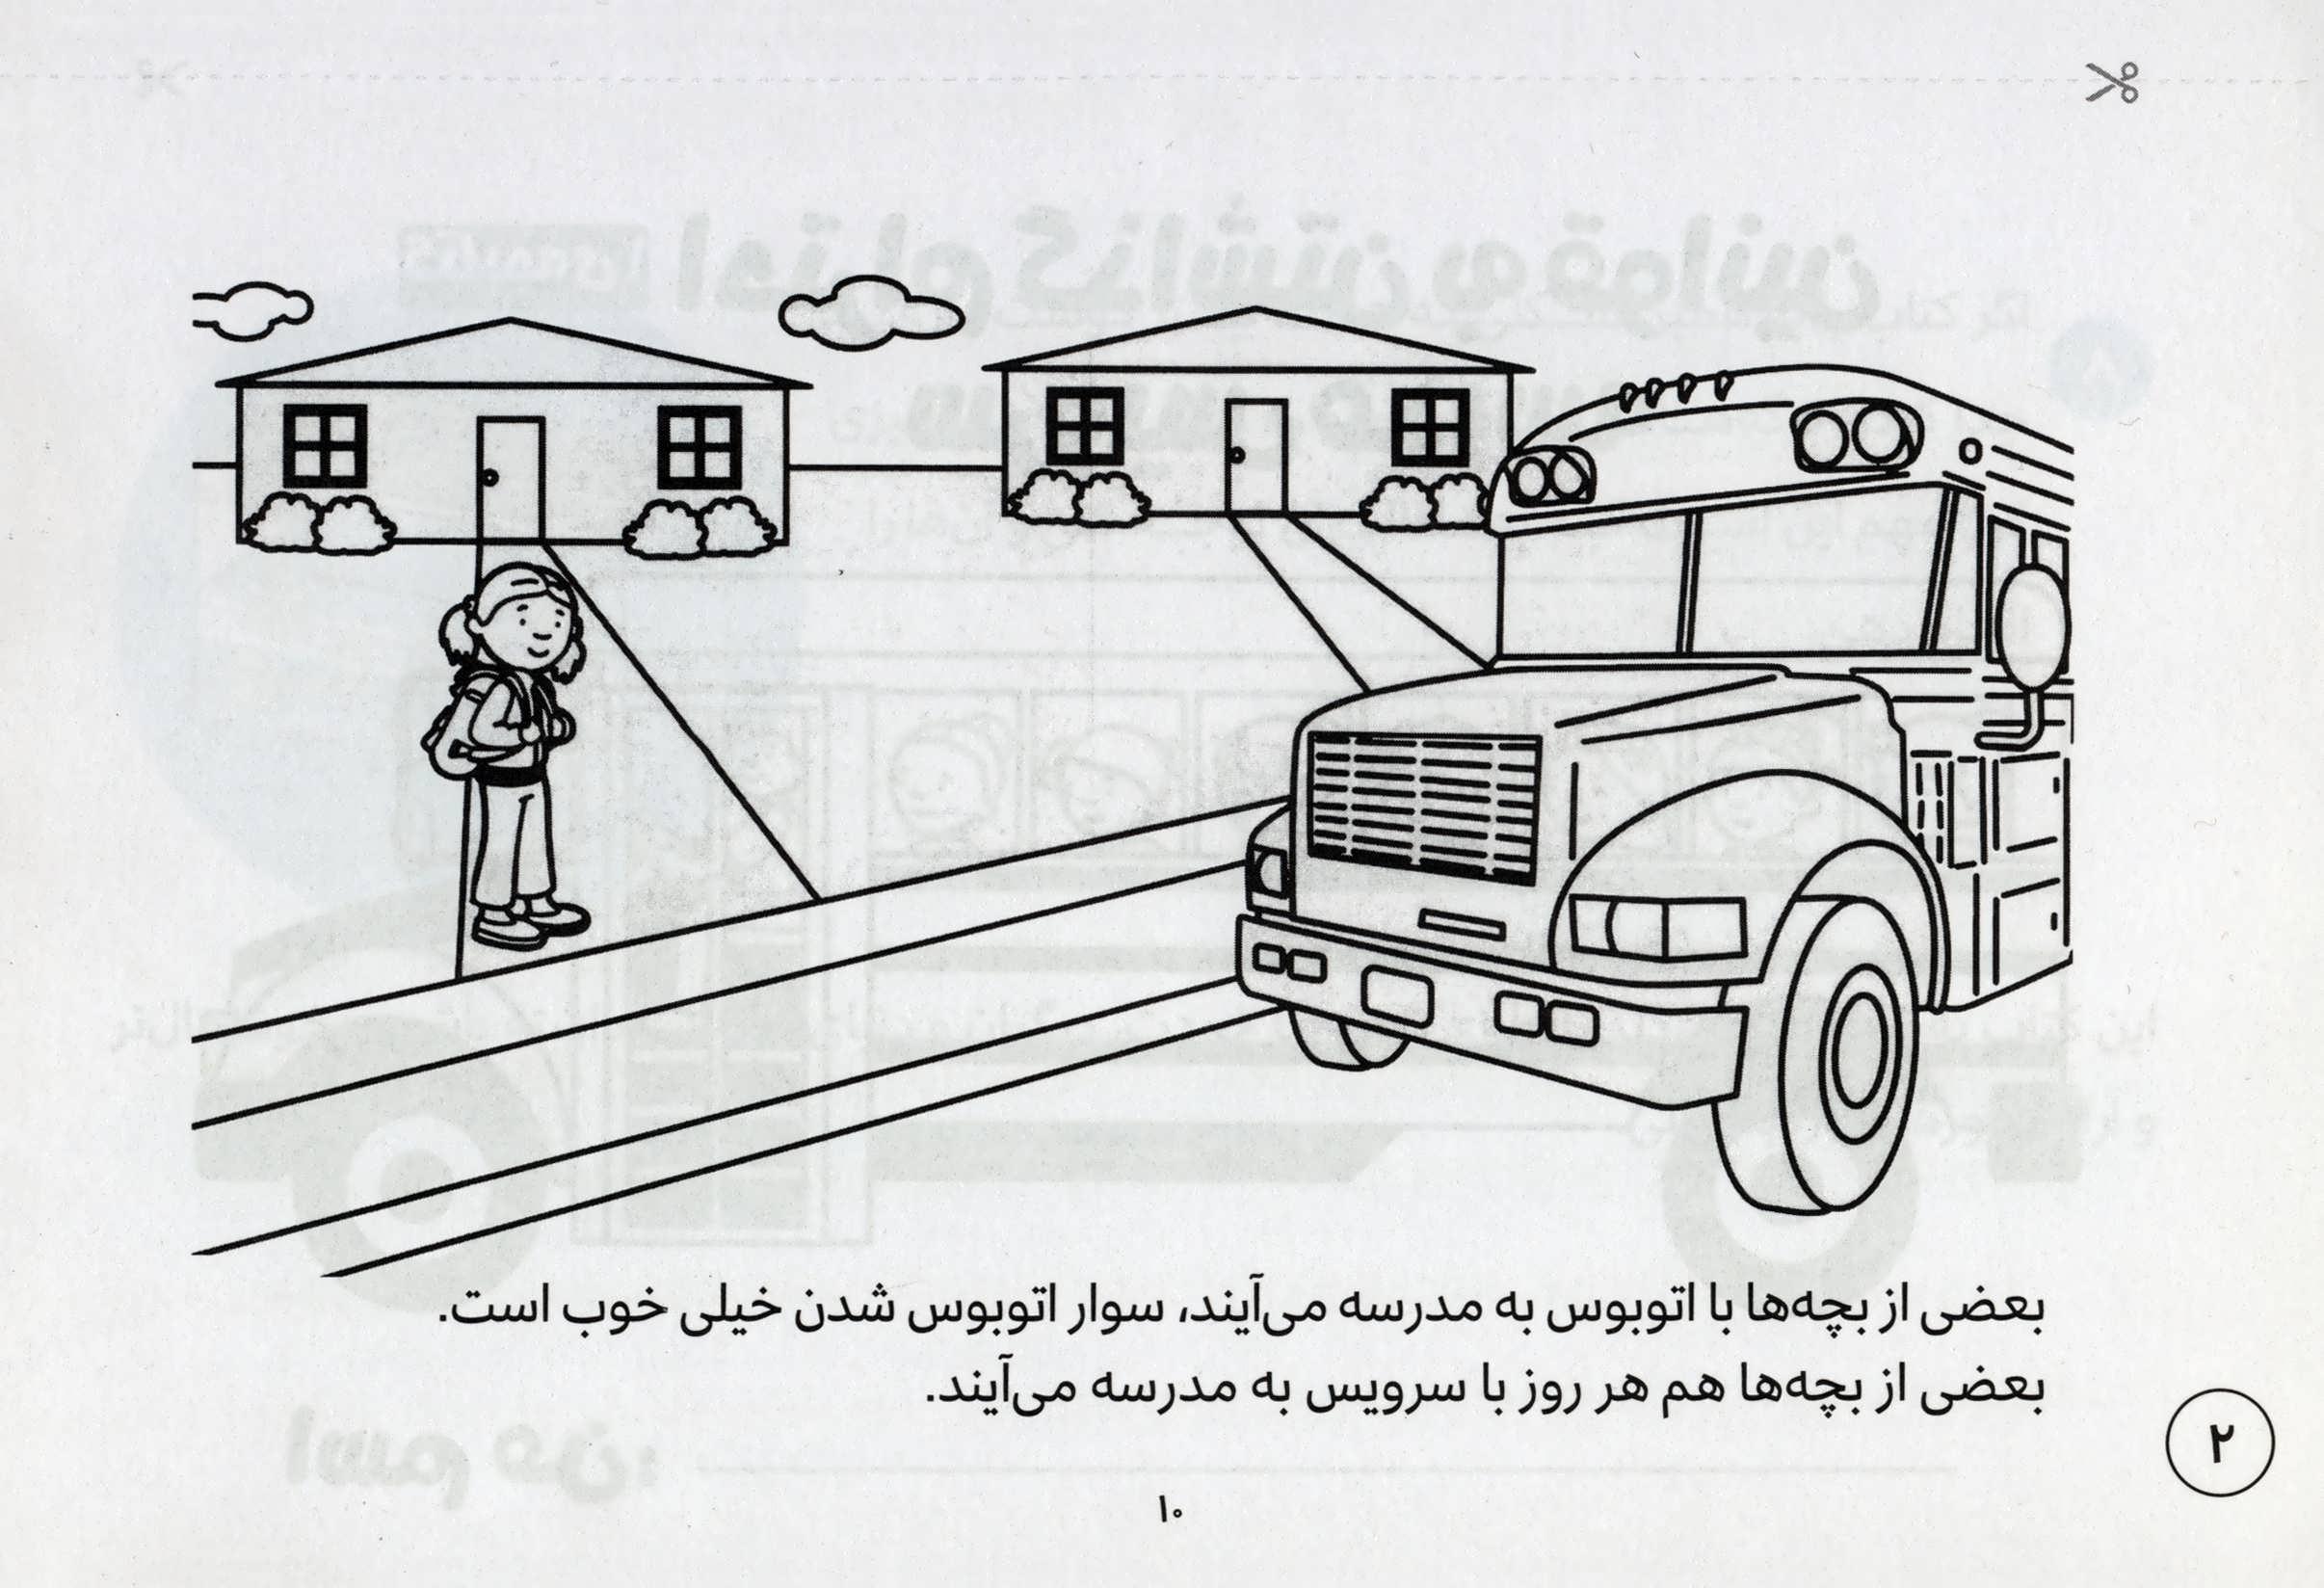 مدرسه برای ما بچه ها کلی برنامه داره (پرورش مهارت های اجتماعی و اخلاقی در کودکان 7)